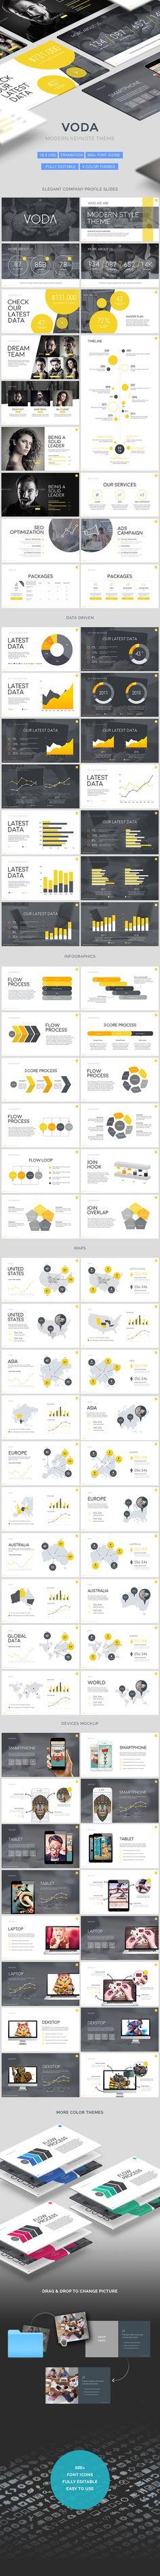 Voda - Creative Keynote Presentation Template #design #slides Download…